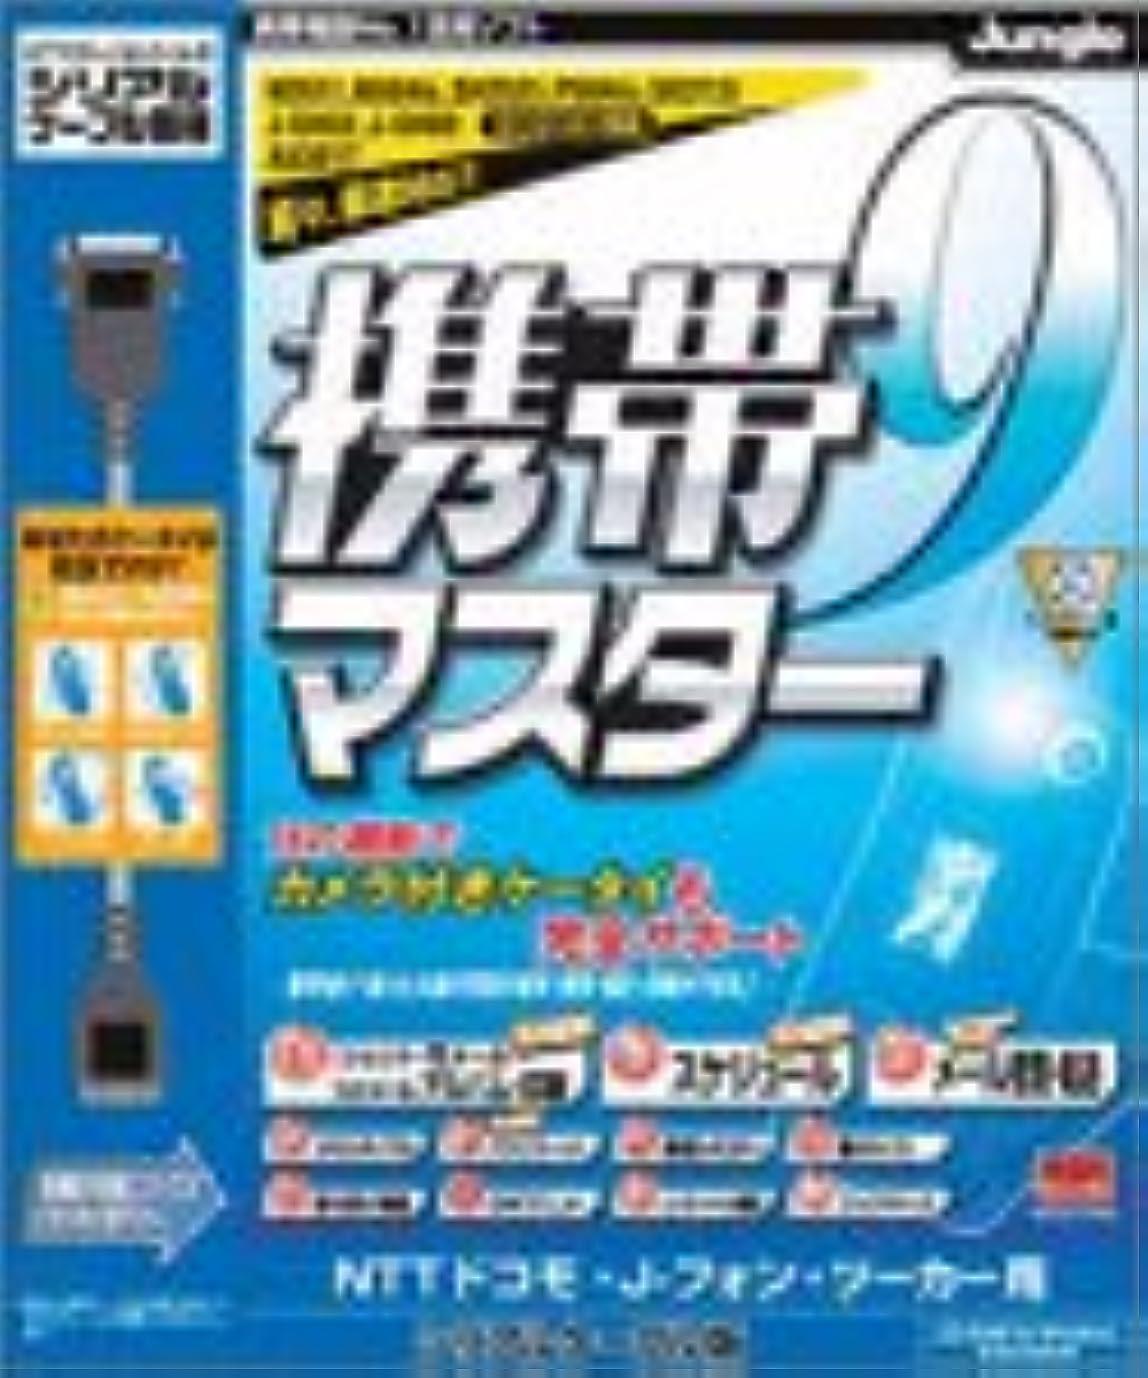 石油奇跡的な中古携帯マスター 9 NTTドコモ?J-フォン?ツーカー用シリアルケーブル版